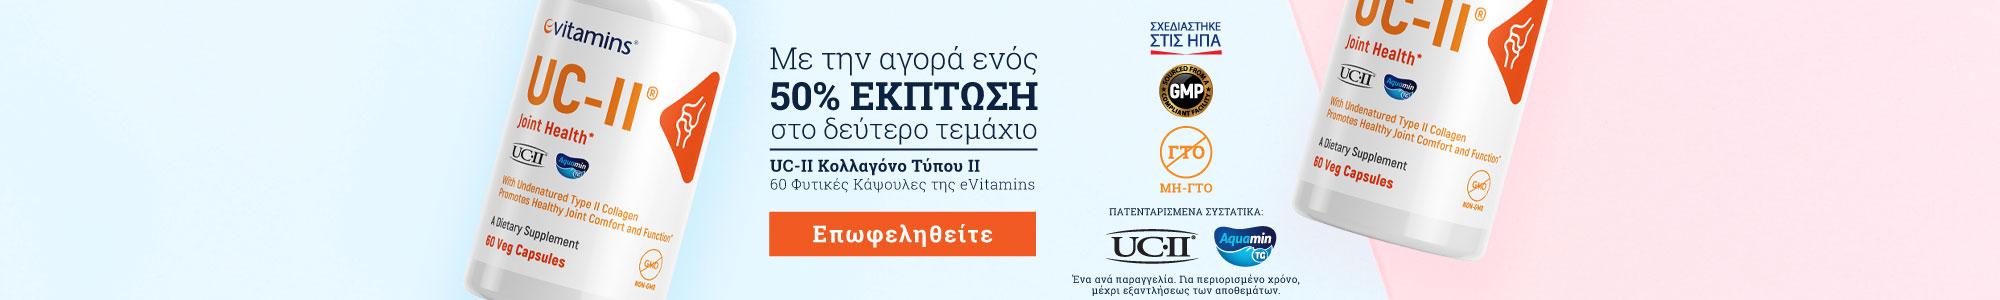 Με την αγορά ενός 50% έκπτωση στο δεύτερο τεμάχιο. UC-II Κολλαγόνο Τύπου ΙΙ 60 Φυτικές Κάψουλες της eVitamins Επωφεληθείτε! Σχεδιαστηκε στις ΗΠΑ. Προϊόν GMP. Μη-ΓΤΟ. Πατενταρισμένα Συστατικά: UC-II και Aquamin TG Ένα ανά παραγγελία. Για περιορισμένο χρόνο, μέχρι εξαντλήσεως των αποθεμάτων.